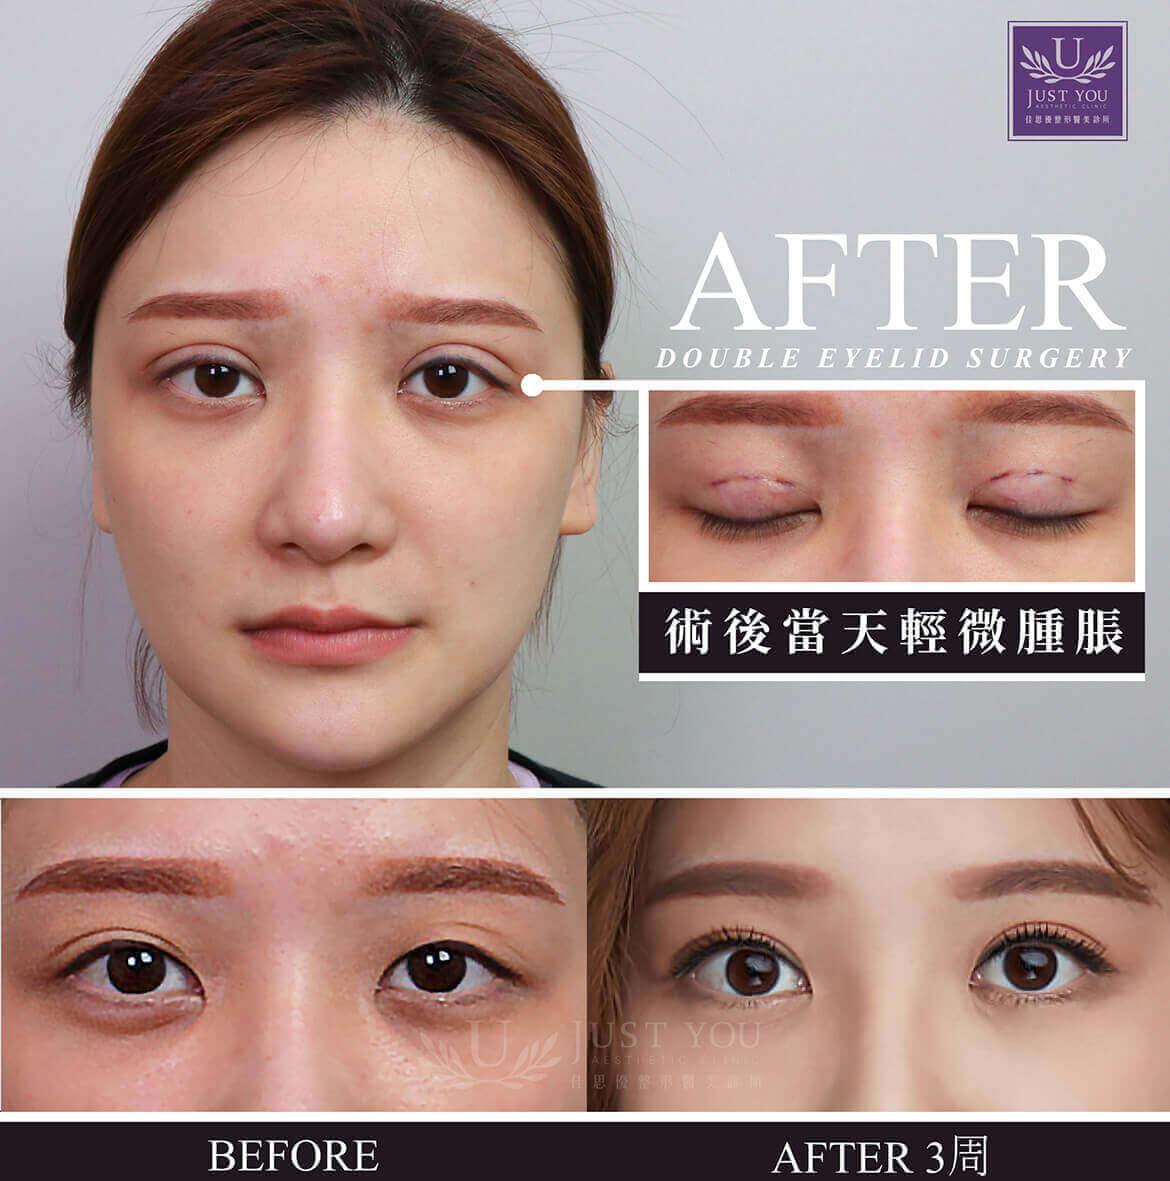 双眼皮手术见证术后当下